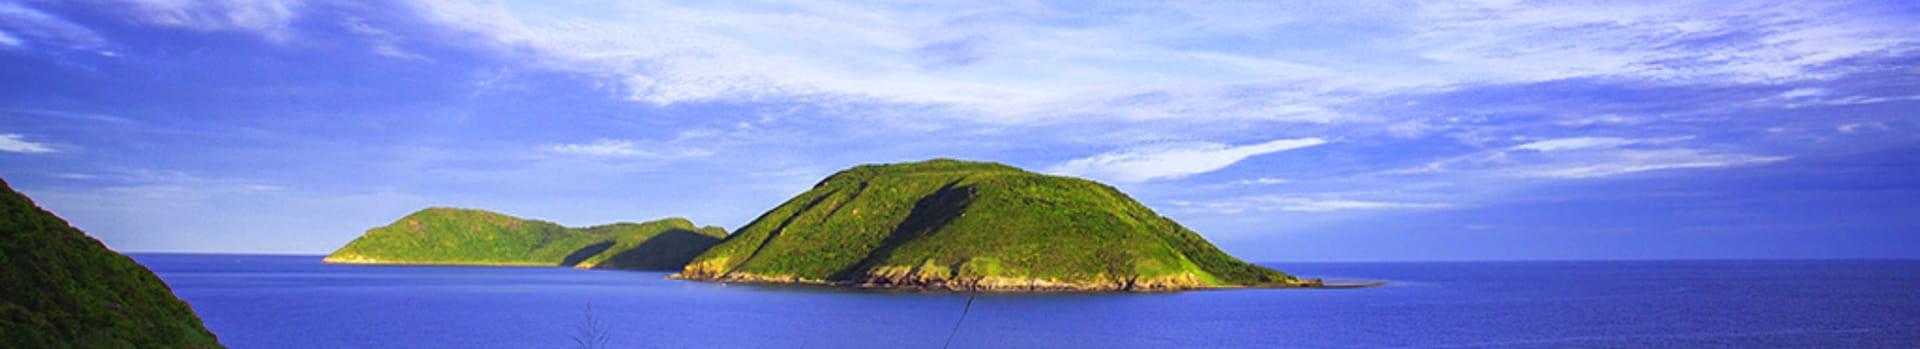 Тёплые воды Южно-Китайского моря:<br>Хошимин, Кондао, Вунгтау, Фантхиет, Хошимин